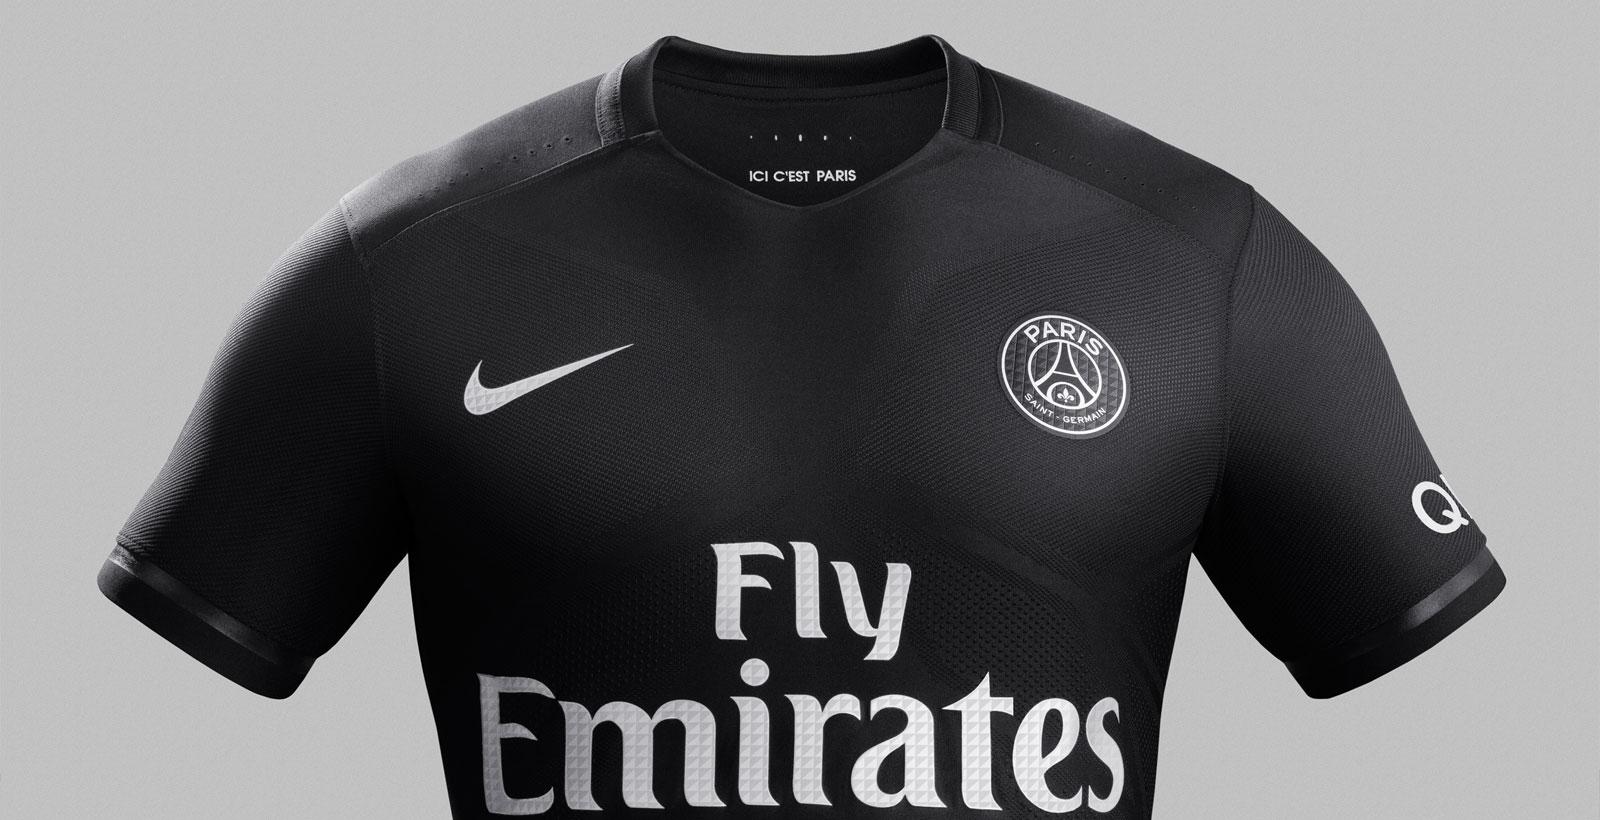 http://3.bp.blogspot.com/-j2XV5Dljksc/VfBSInsT3bI/AAAAAAAAquw/kXLNZDiq5vo/s1600/psg-15-16-champions-league-home-kit-9.jpg